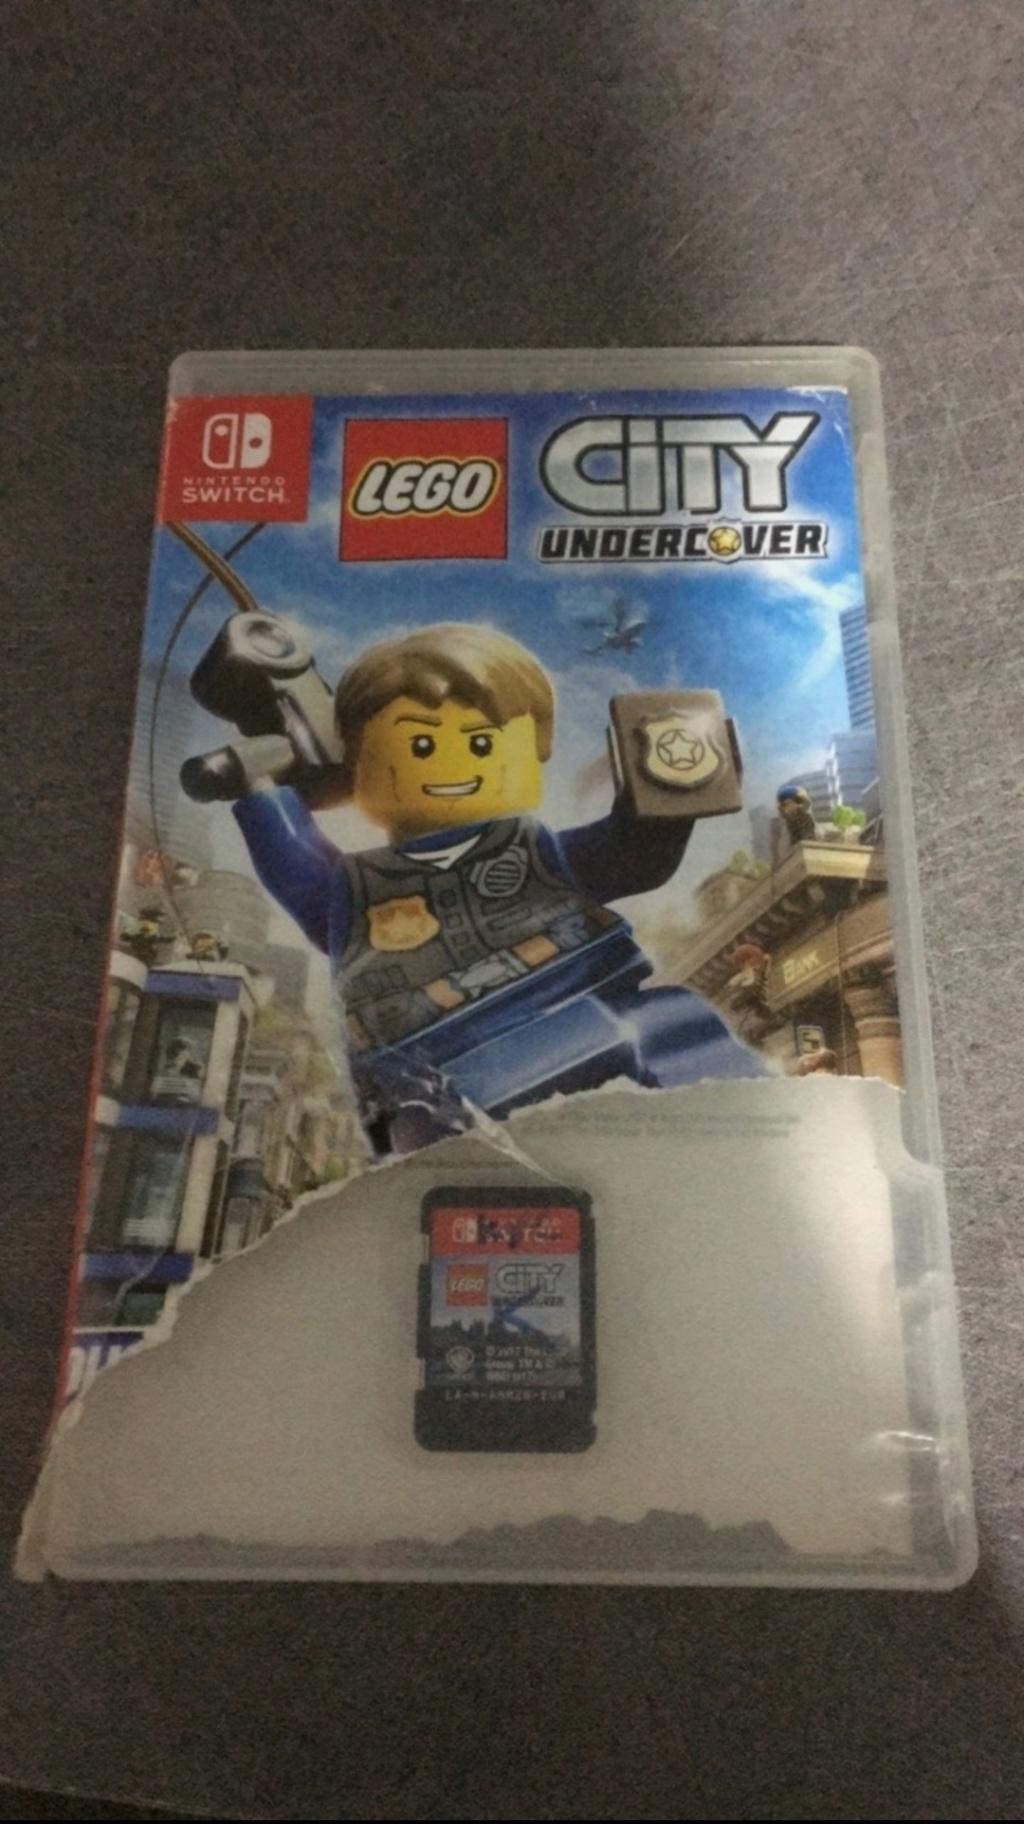 [ESTIM] Lego City Undercover Switch modèle unique!  Img_2023